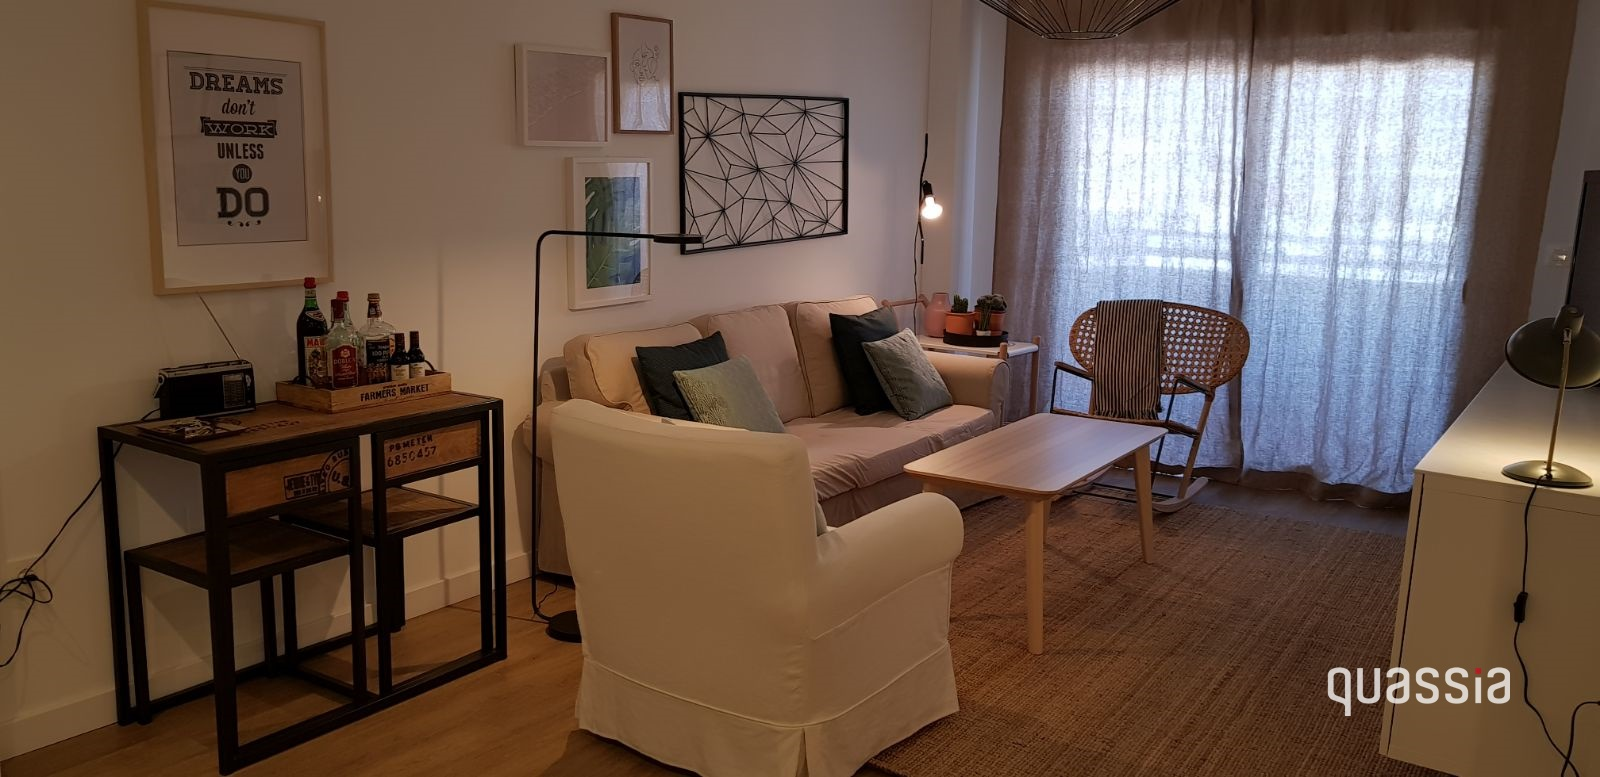 Reforma apartamento Fuengirola por Quassia (31)